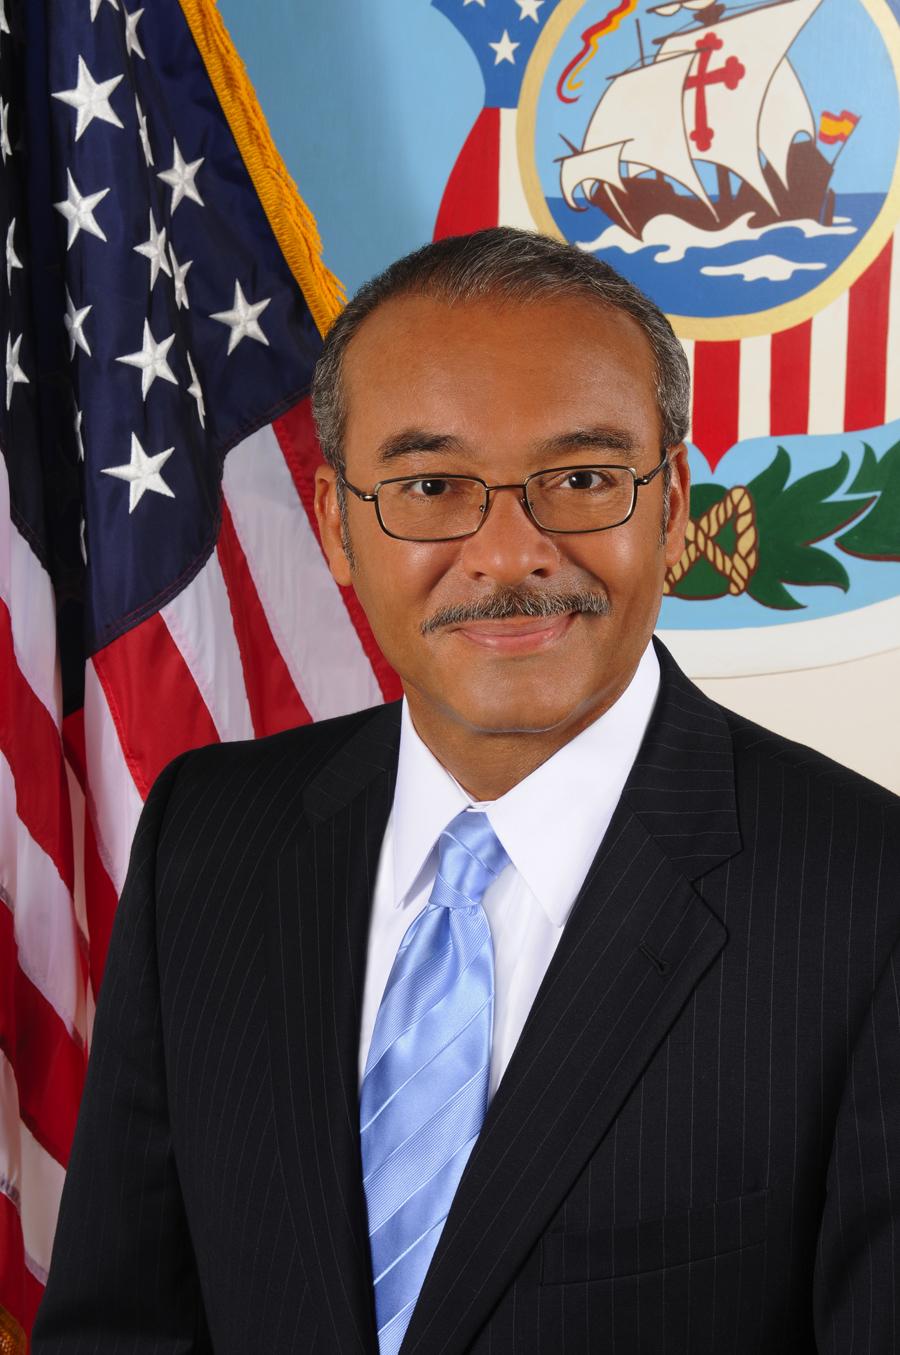 MayorMichaelColeman.jpg